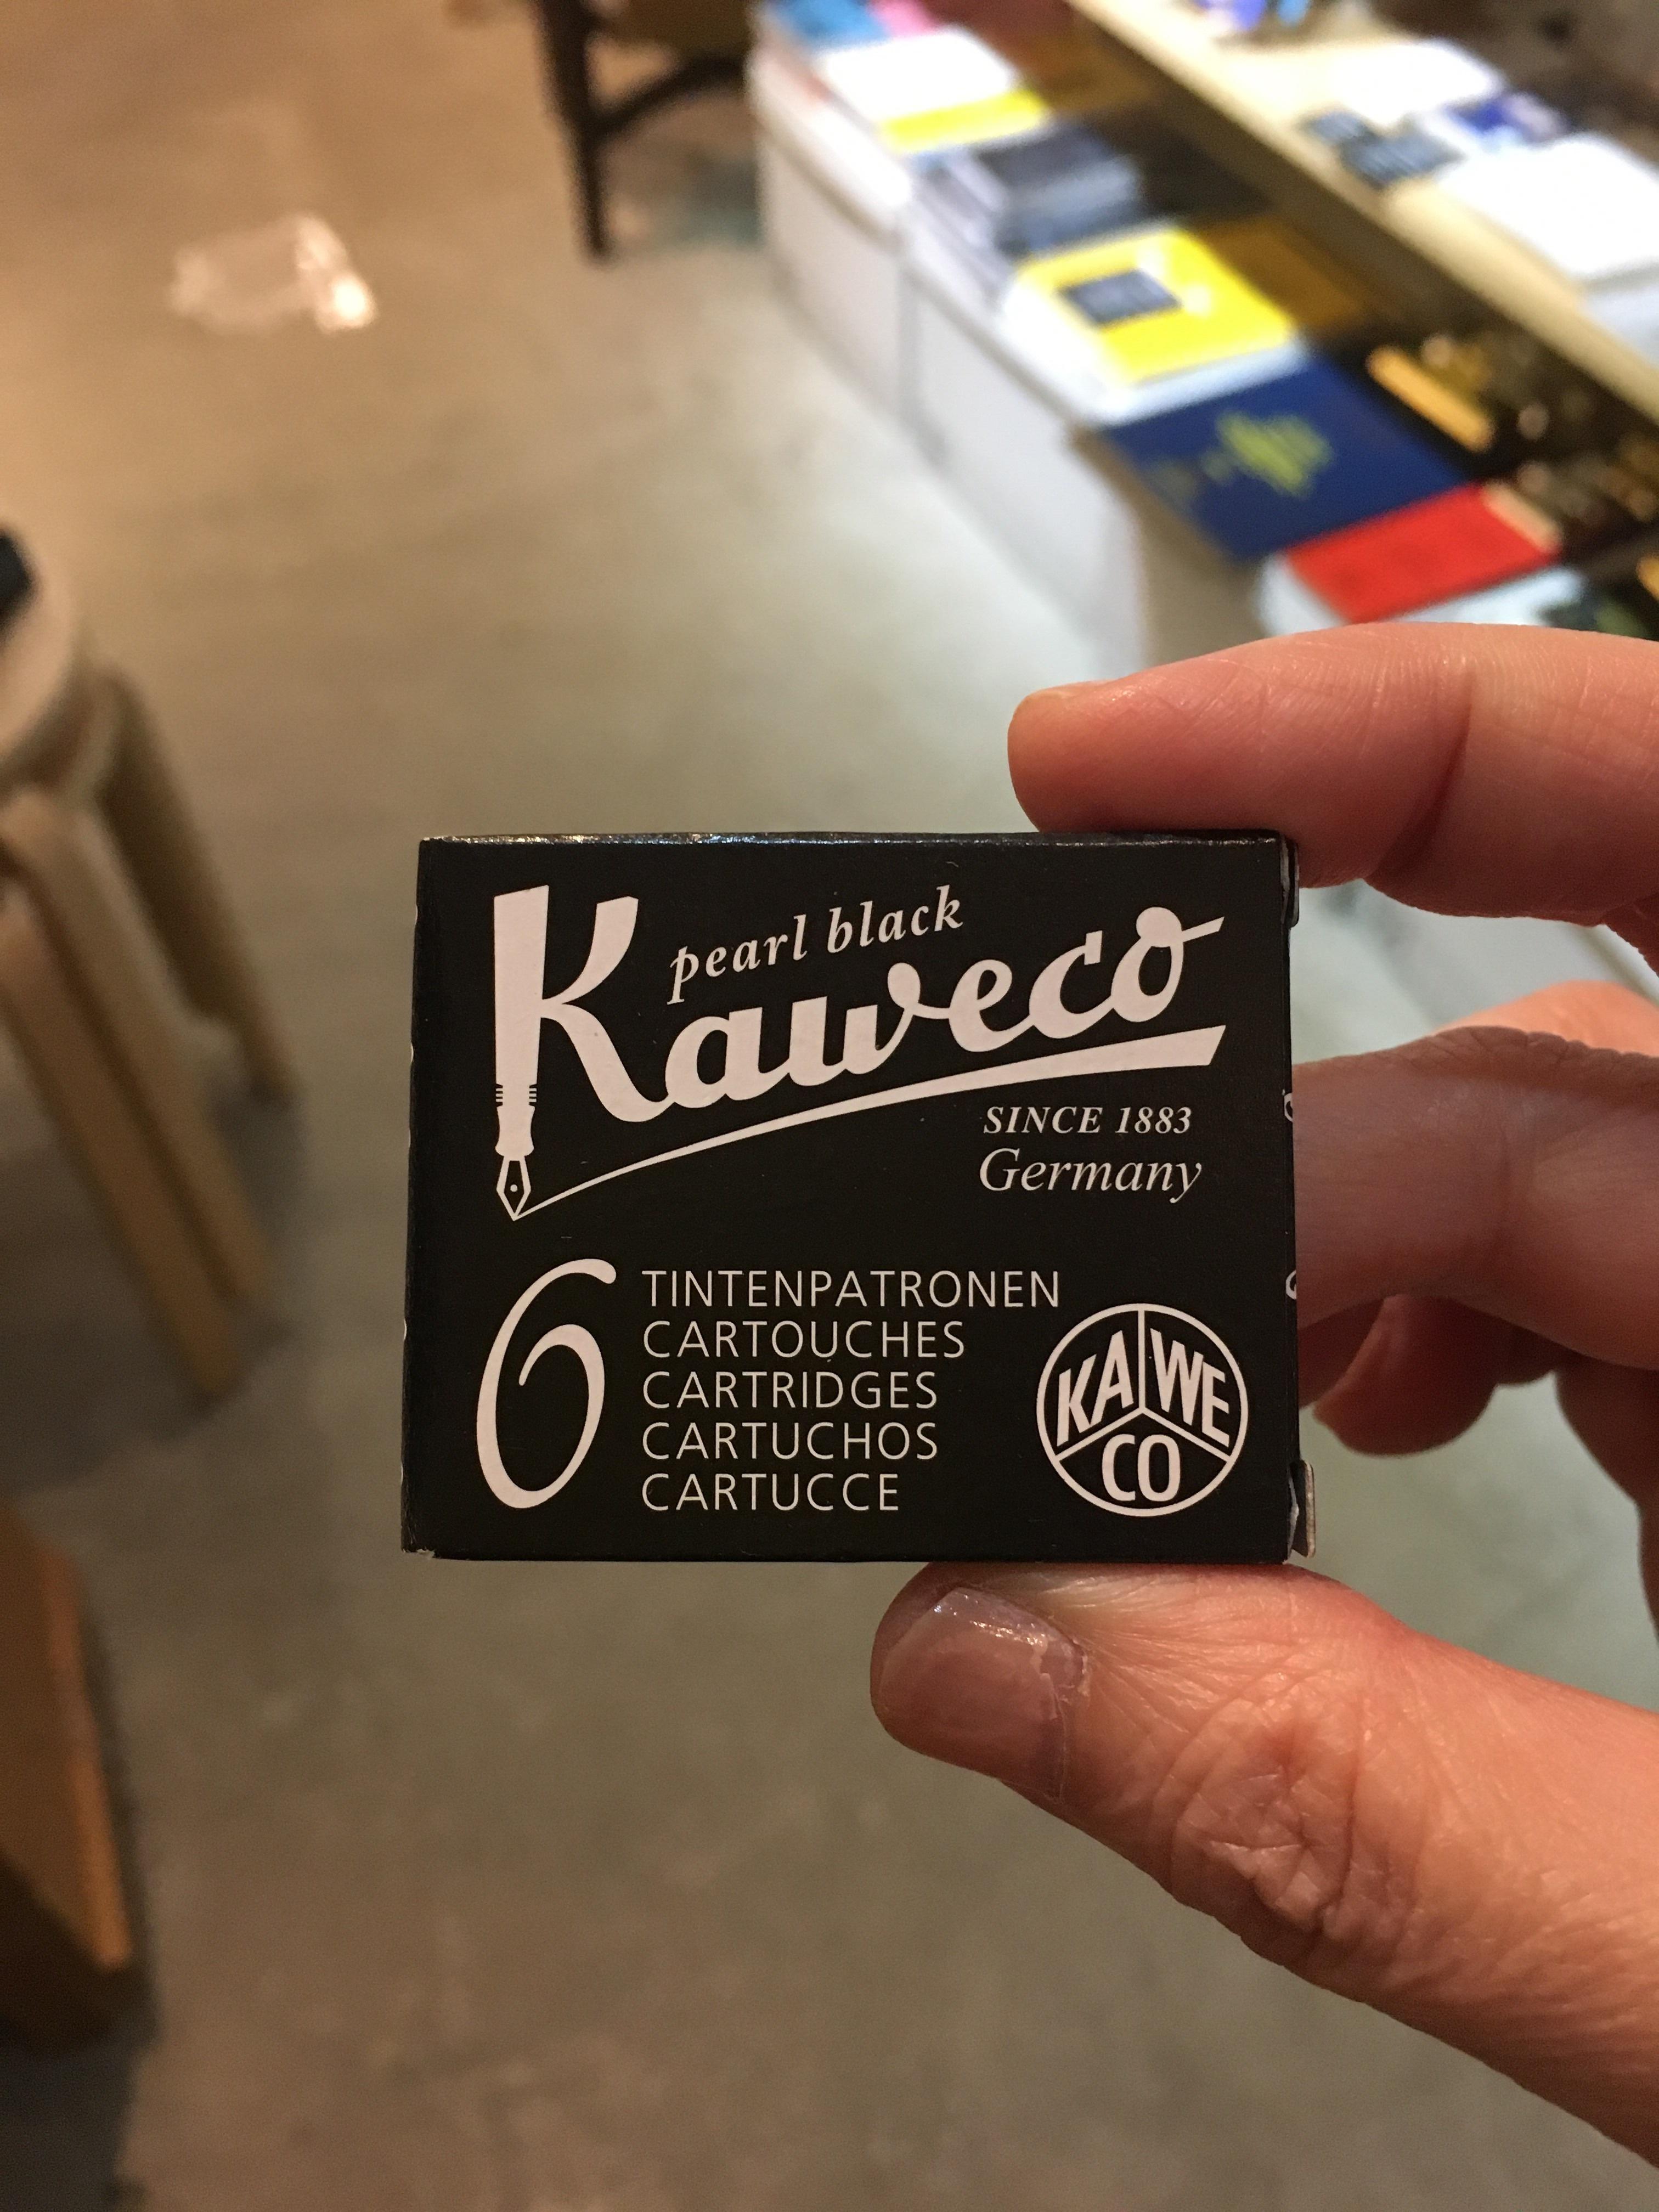 Kaweco純正インクカートリッジ(6本入)